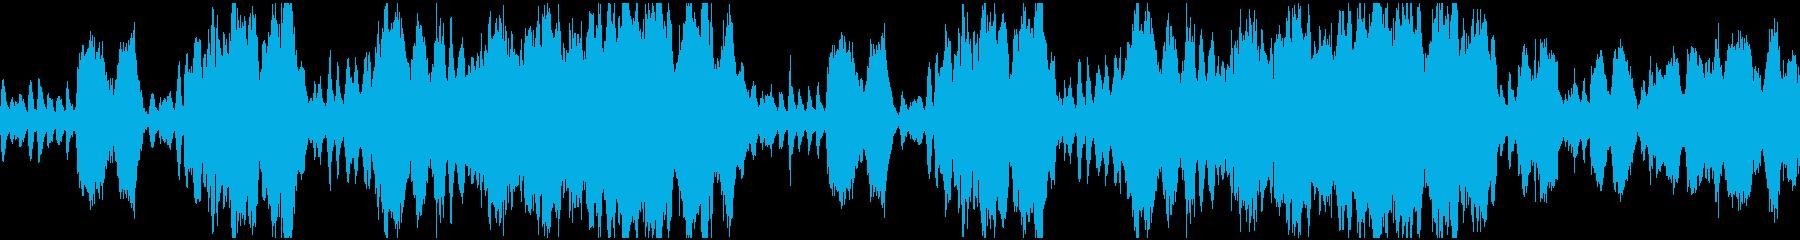 軍隊が行進しているようなストリングス楽曲の再生済みの波形